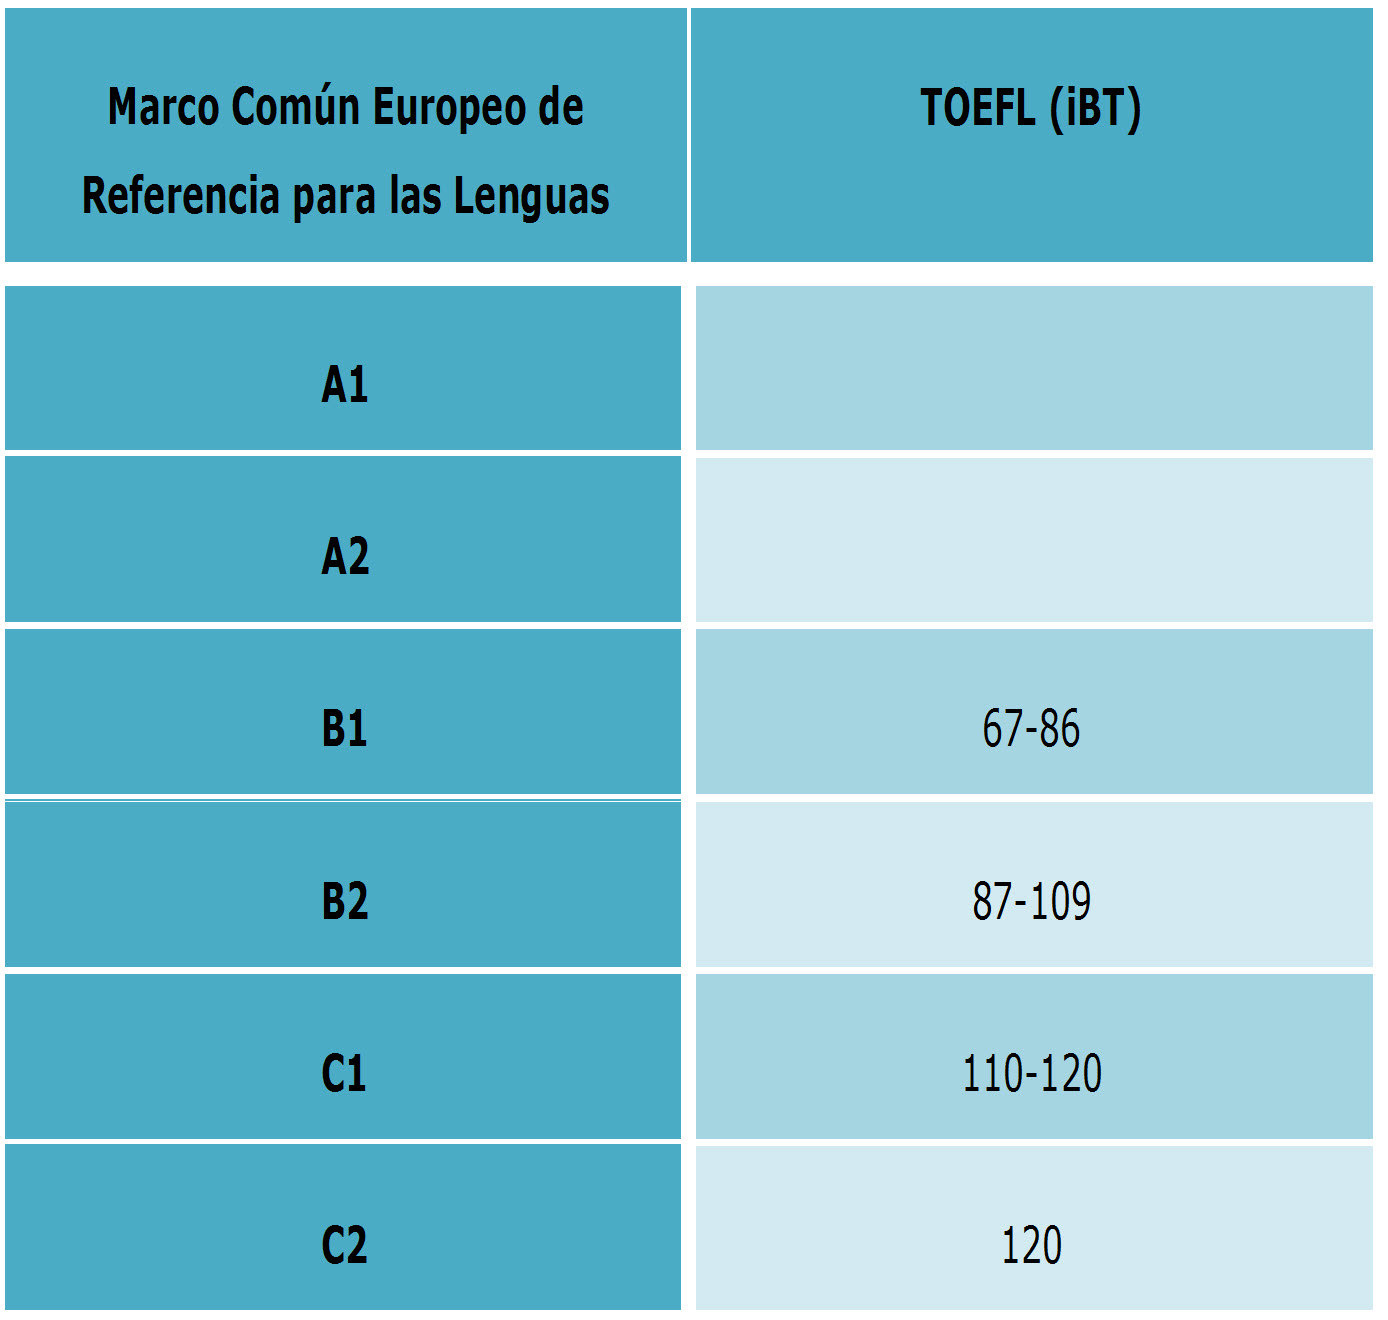 Correspondencia Marco común europeo de referencia para las lenguas y puntuación TOEFL